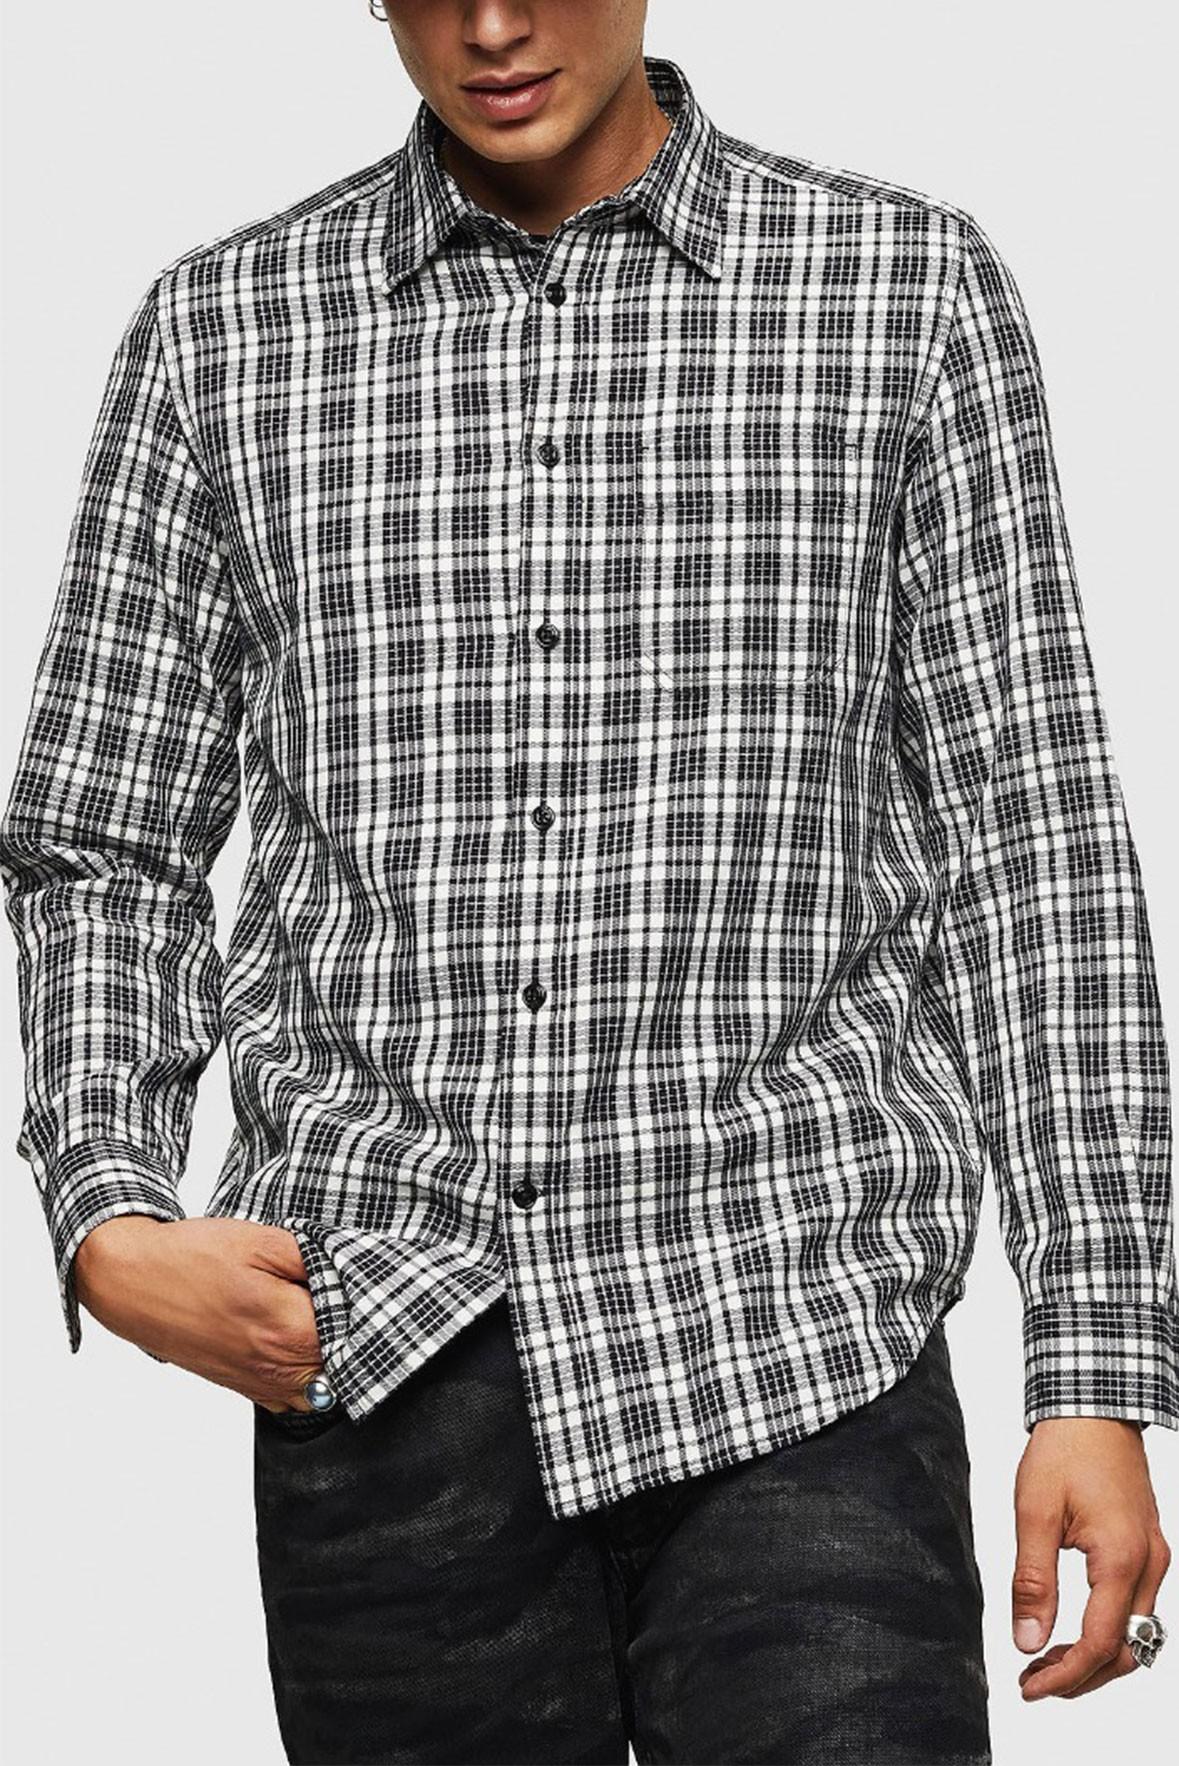 Men's Basic Full Sleeves Black and White Check Shirt S196